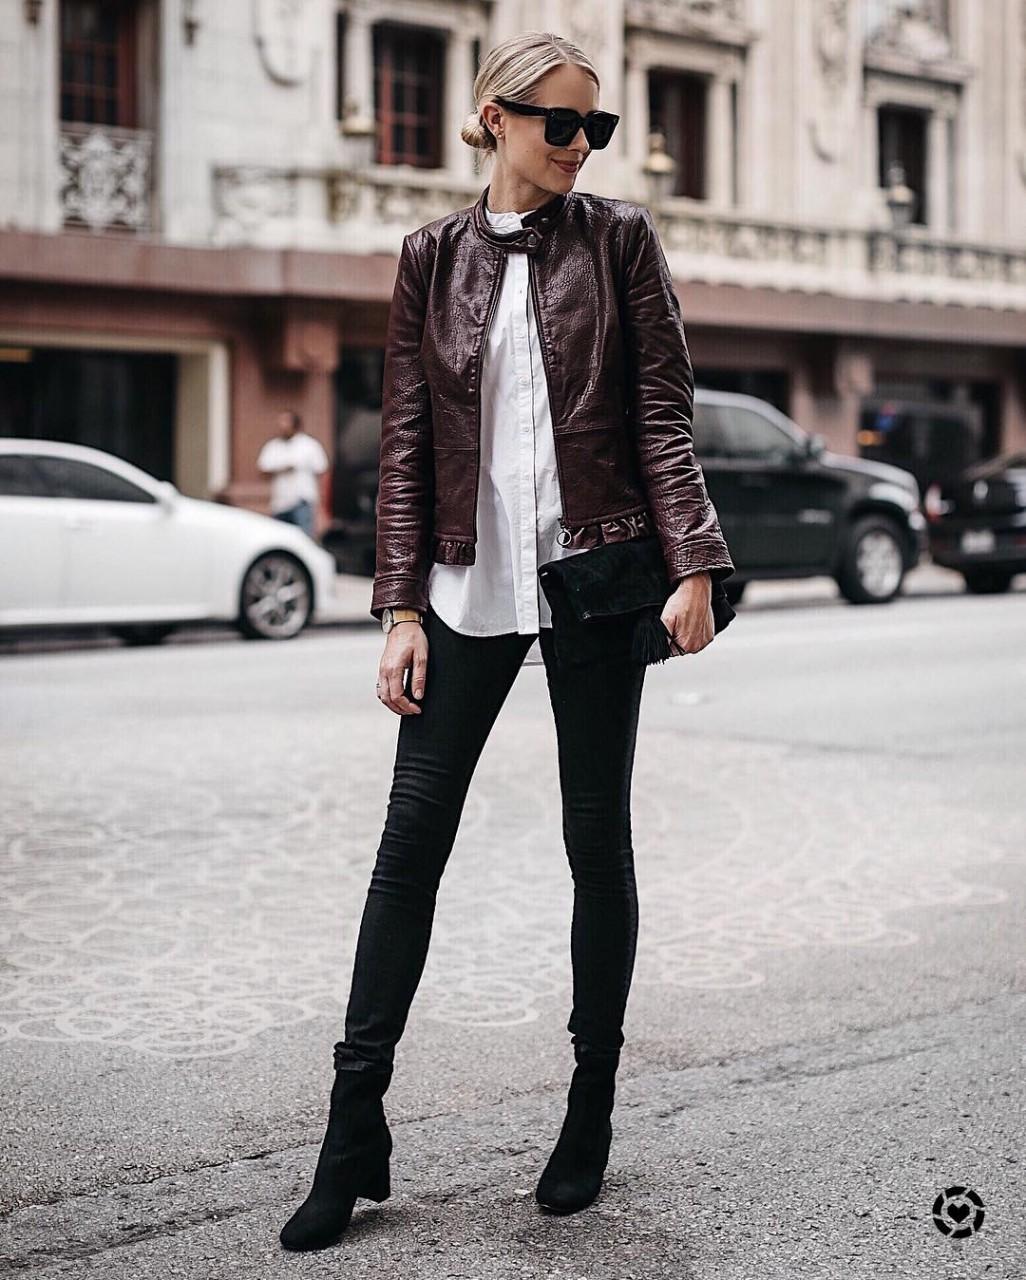 Стиль минимализм в одежде и аксессуарах 2018: 15 стильных образов